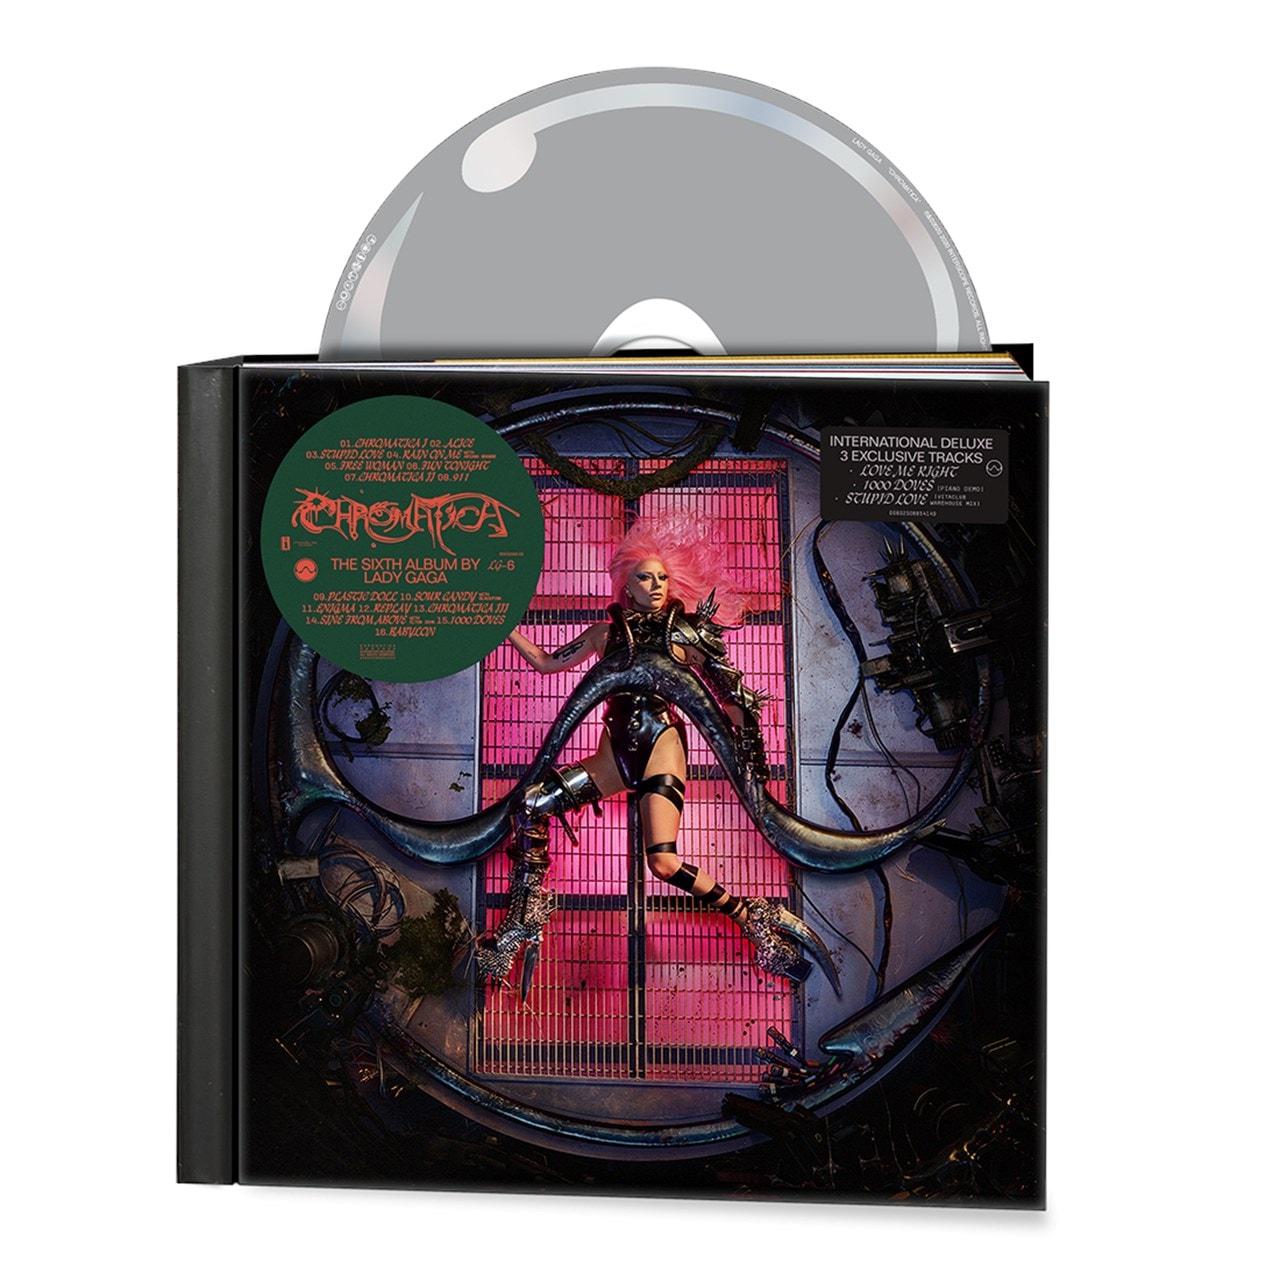 Chromatica - Deluxe Edition - 1